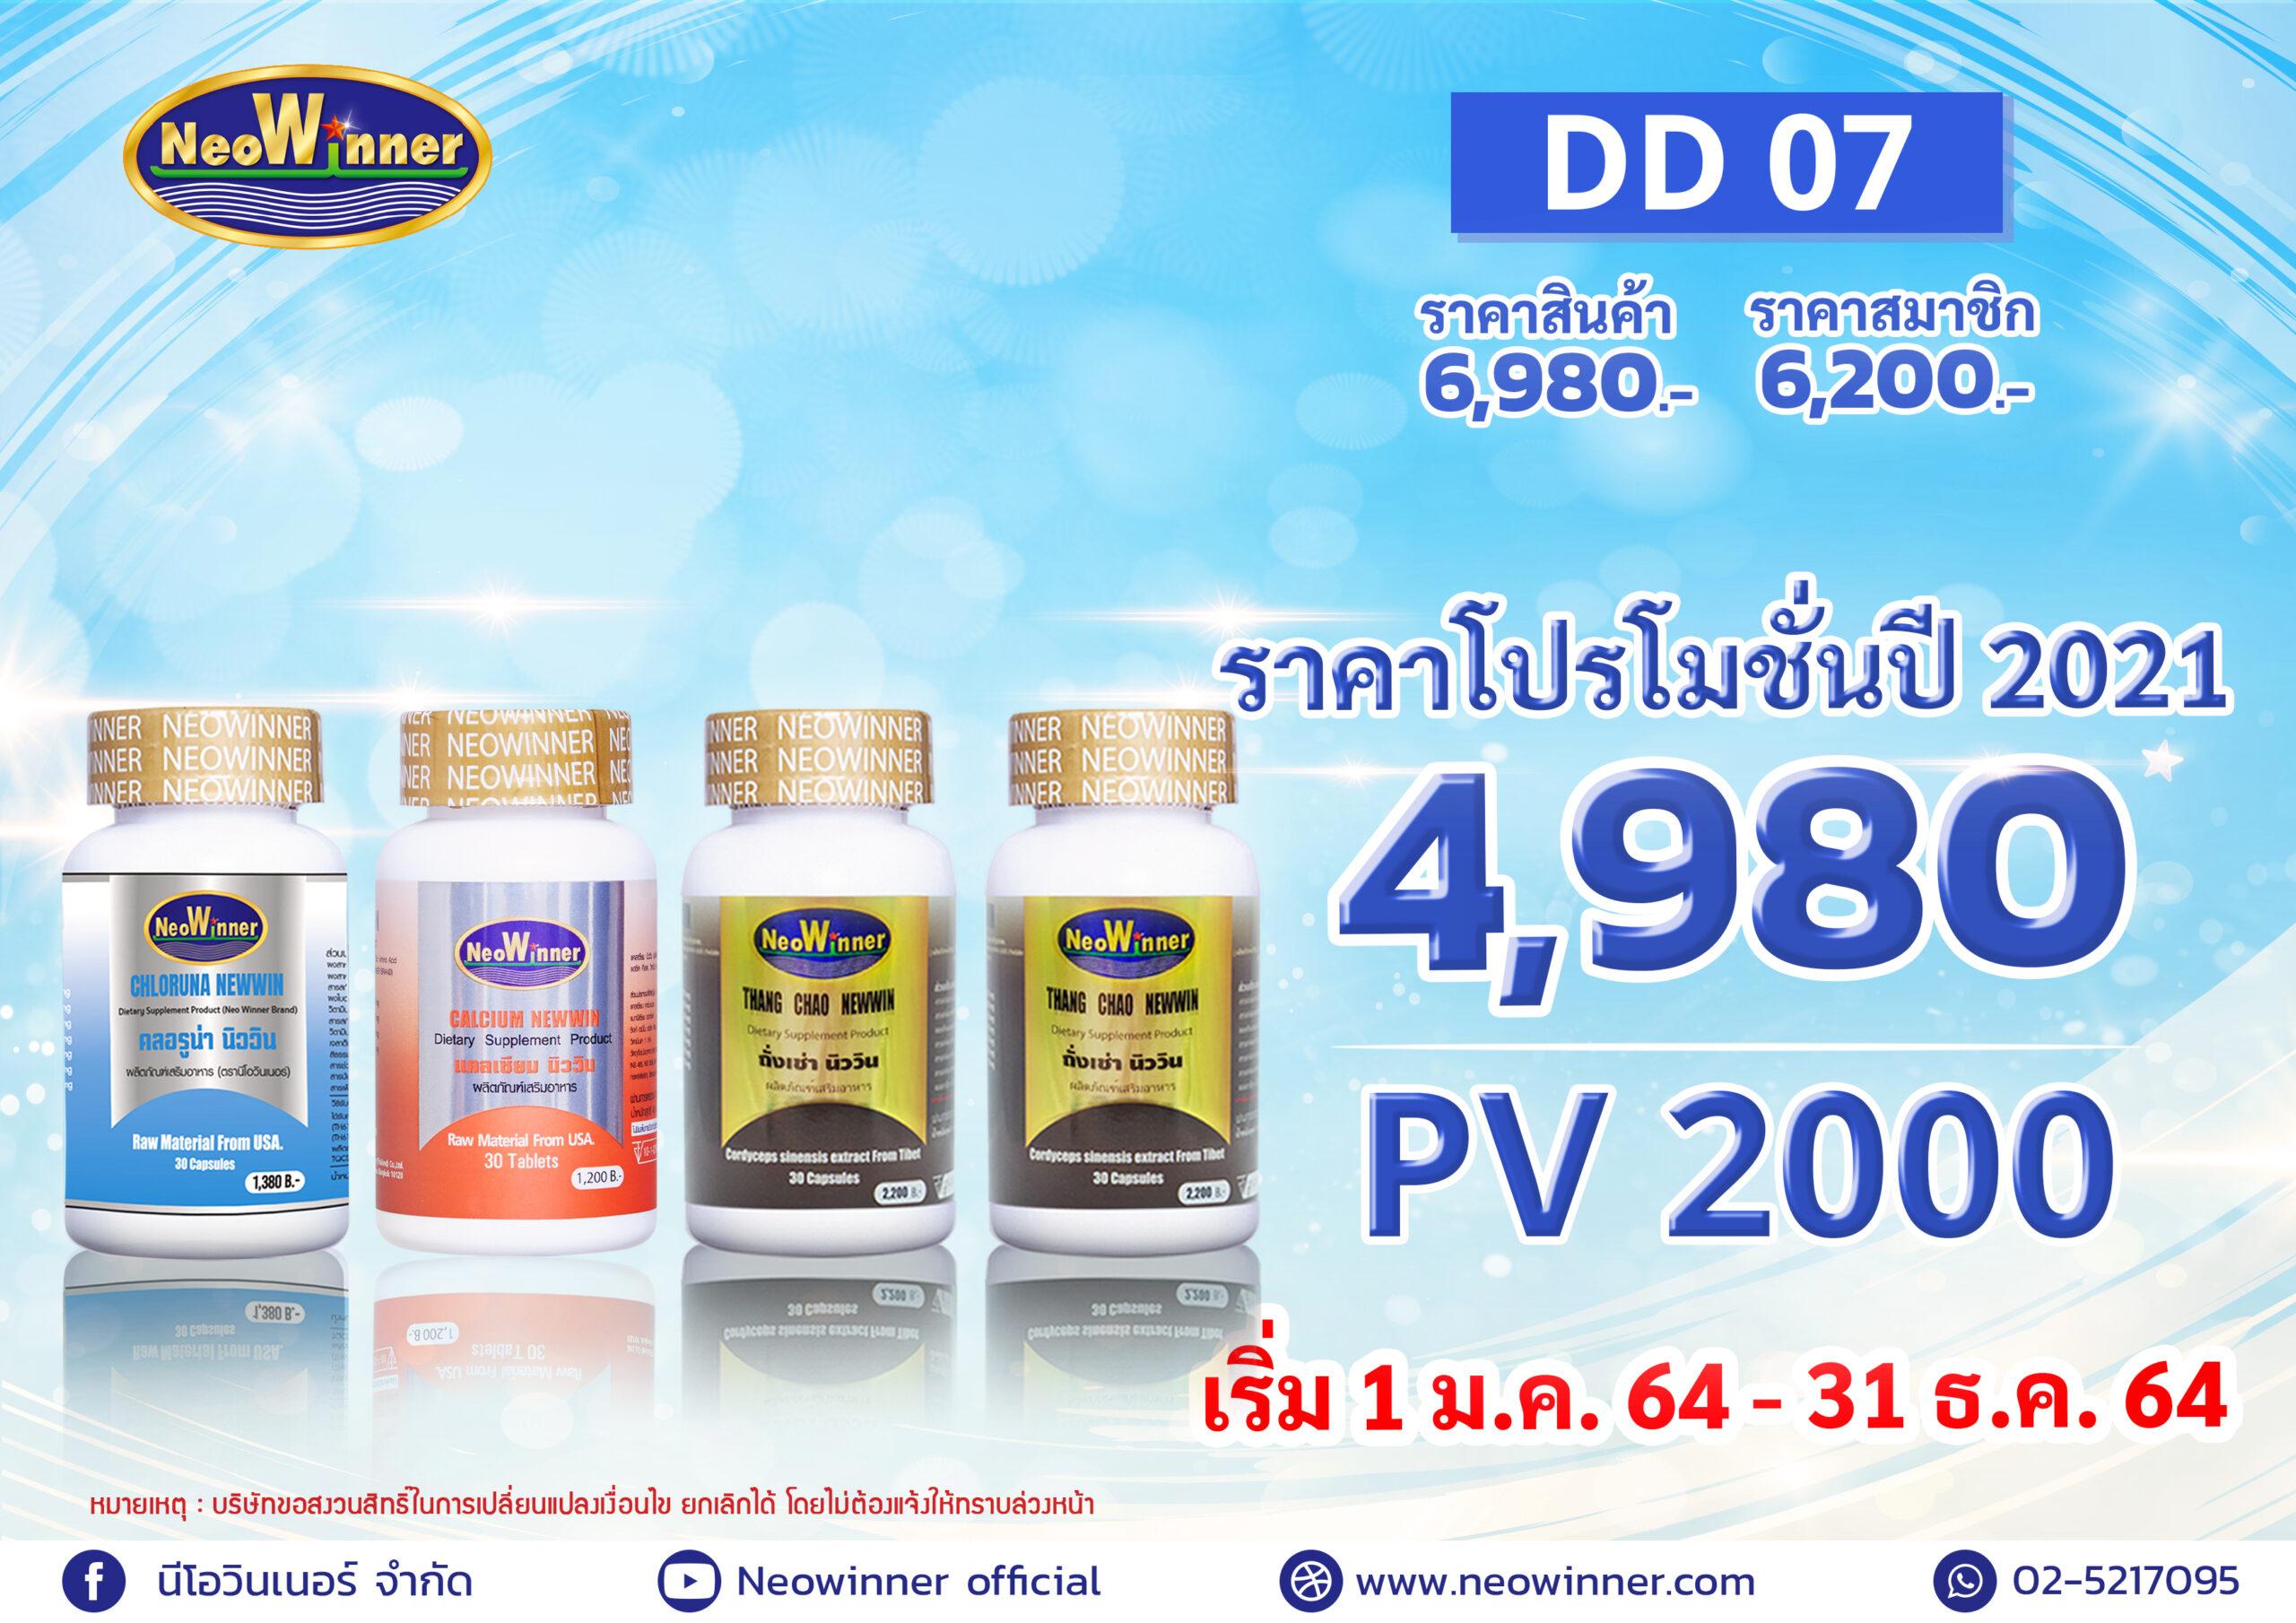 Promotion-DD-07-2021